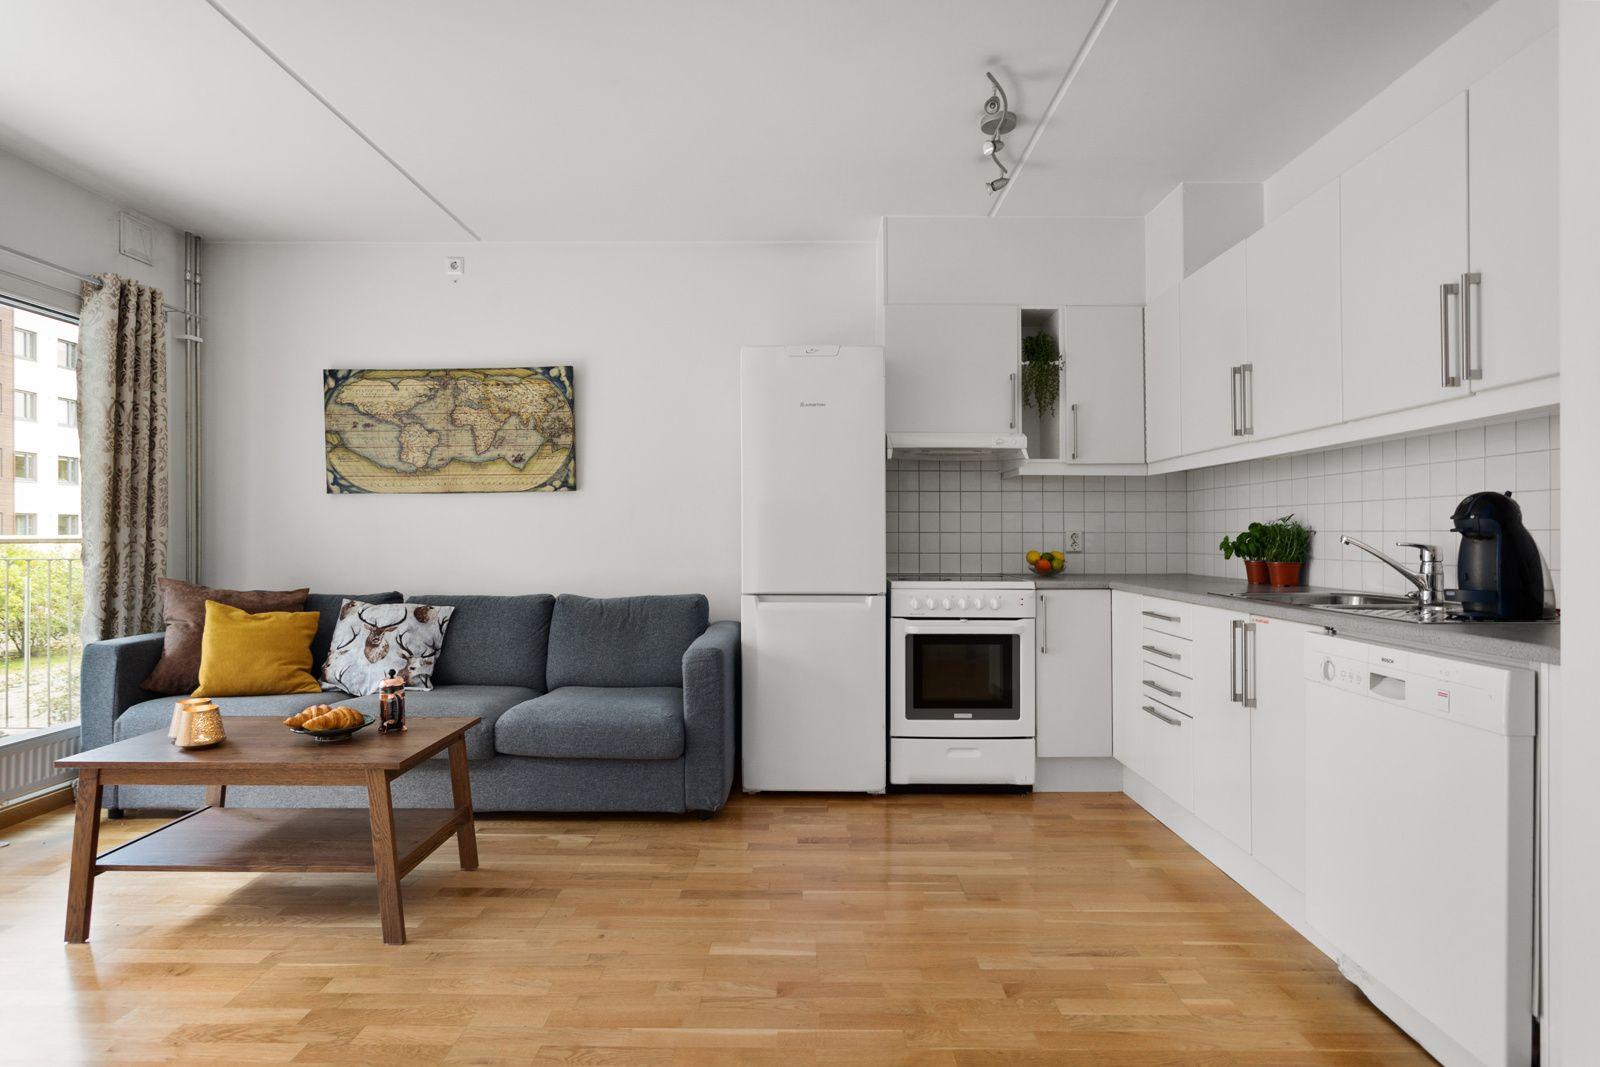 Nydalen allé 23 Åpen kjøkkenløsning mot stue. Kjøkkeninnredning med slette fronter. Benkeplate av laminat. Nedfelt oppvaskkum av rustfritt stål og ett-greps armatur fra Oras. Fliser på vegg over kjøkkenbenk.